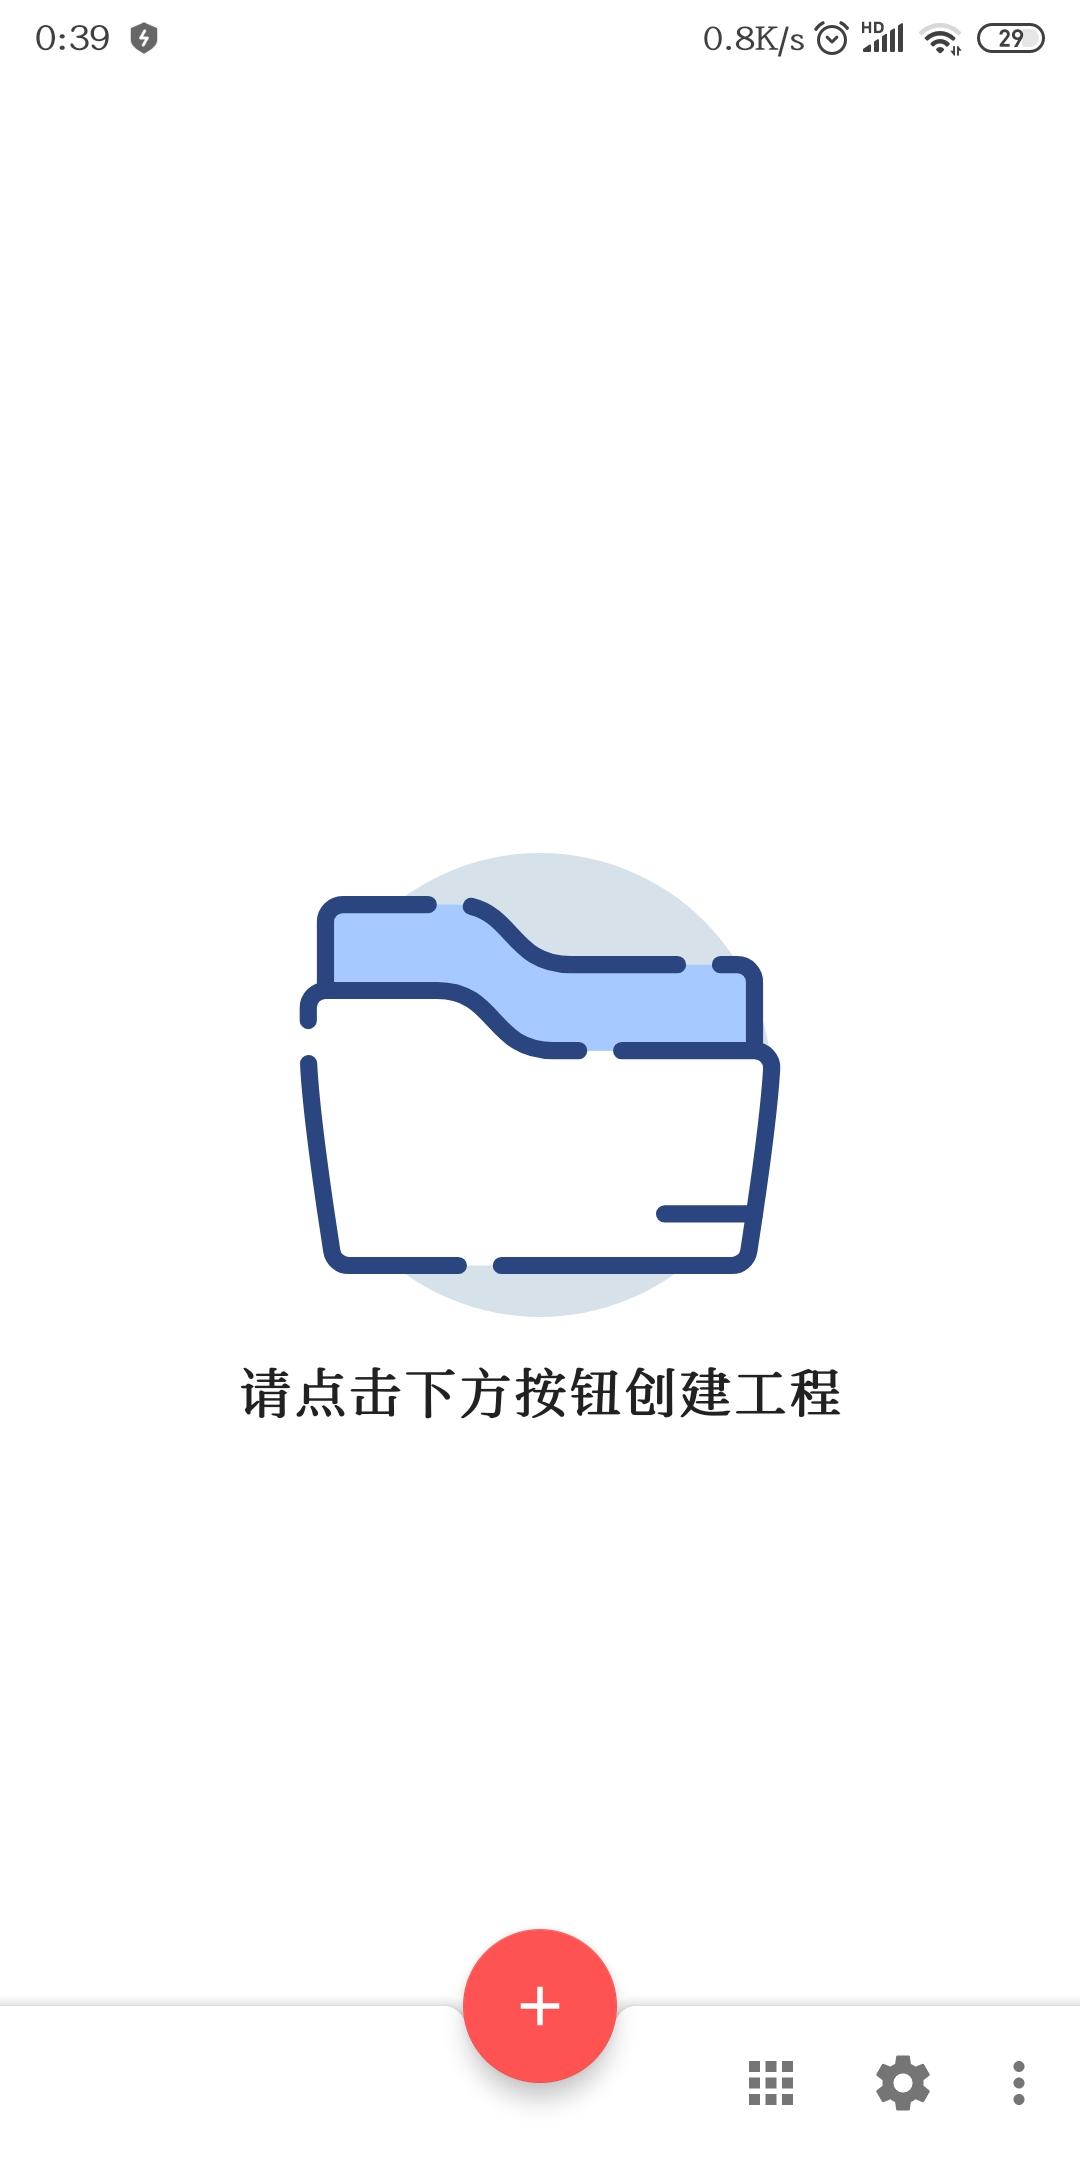 【分享】Apk Repacker_1.0.2,逆向神器。